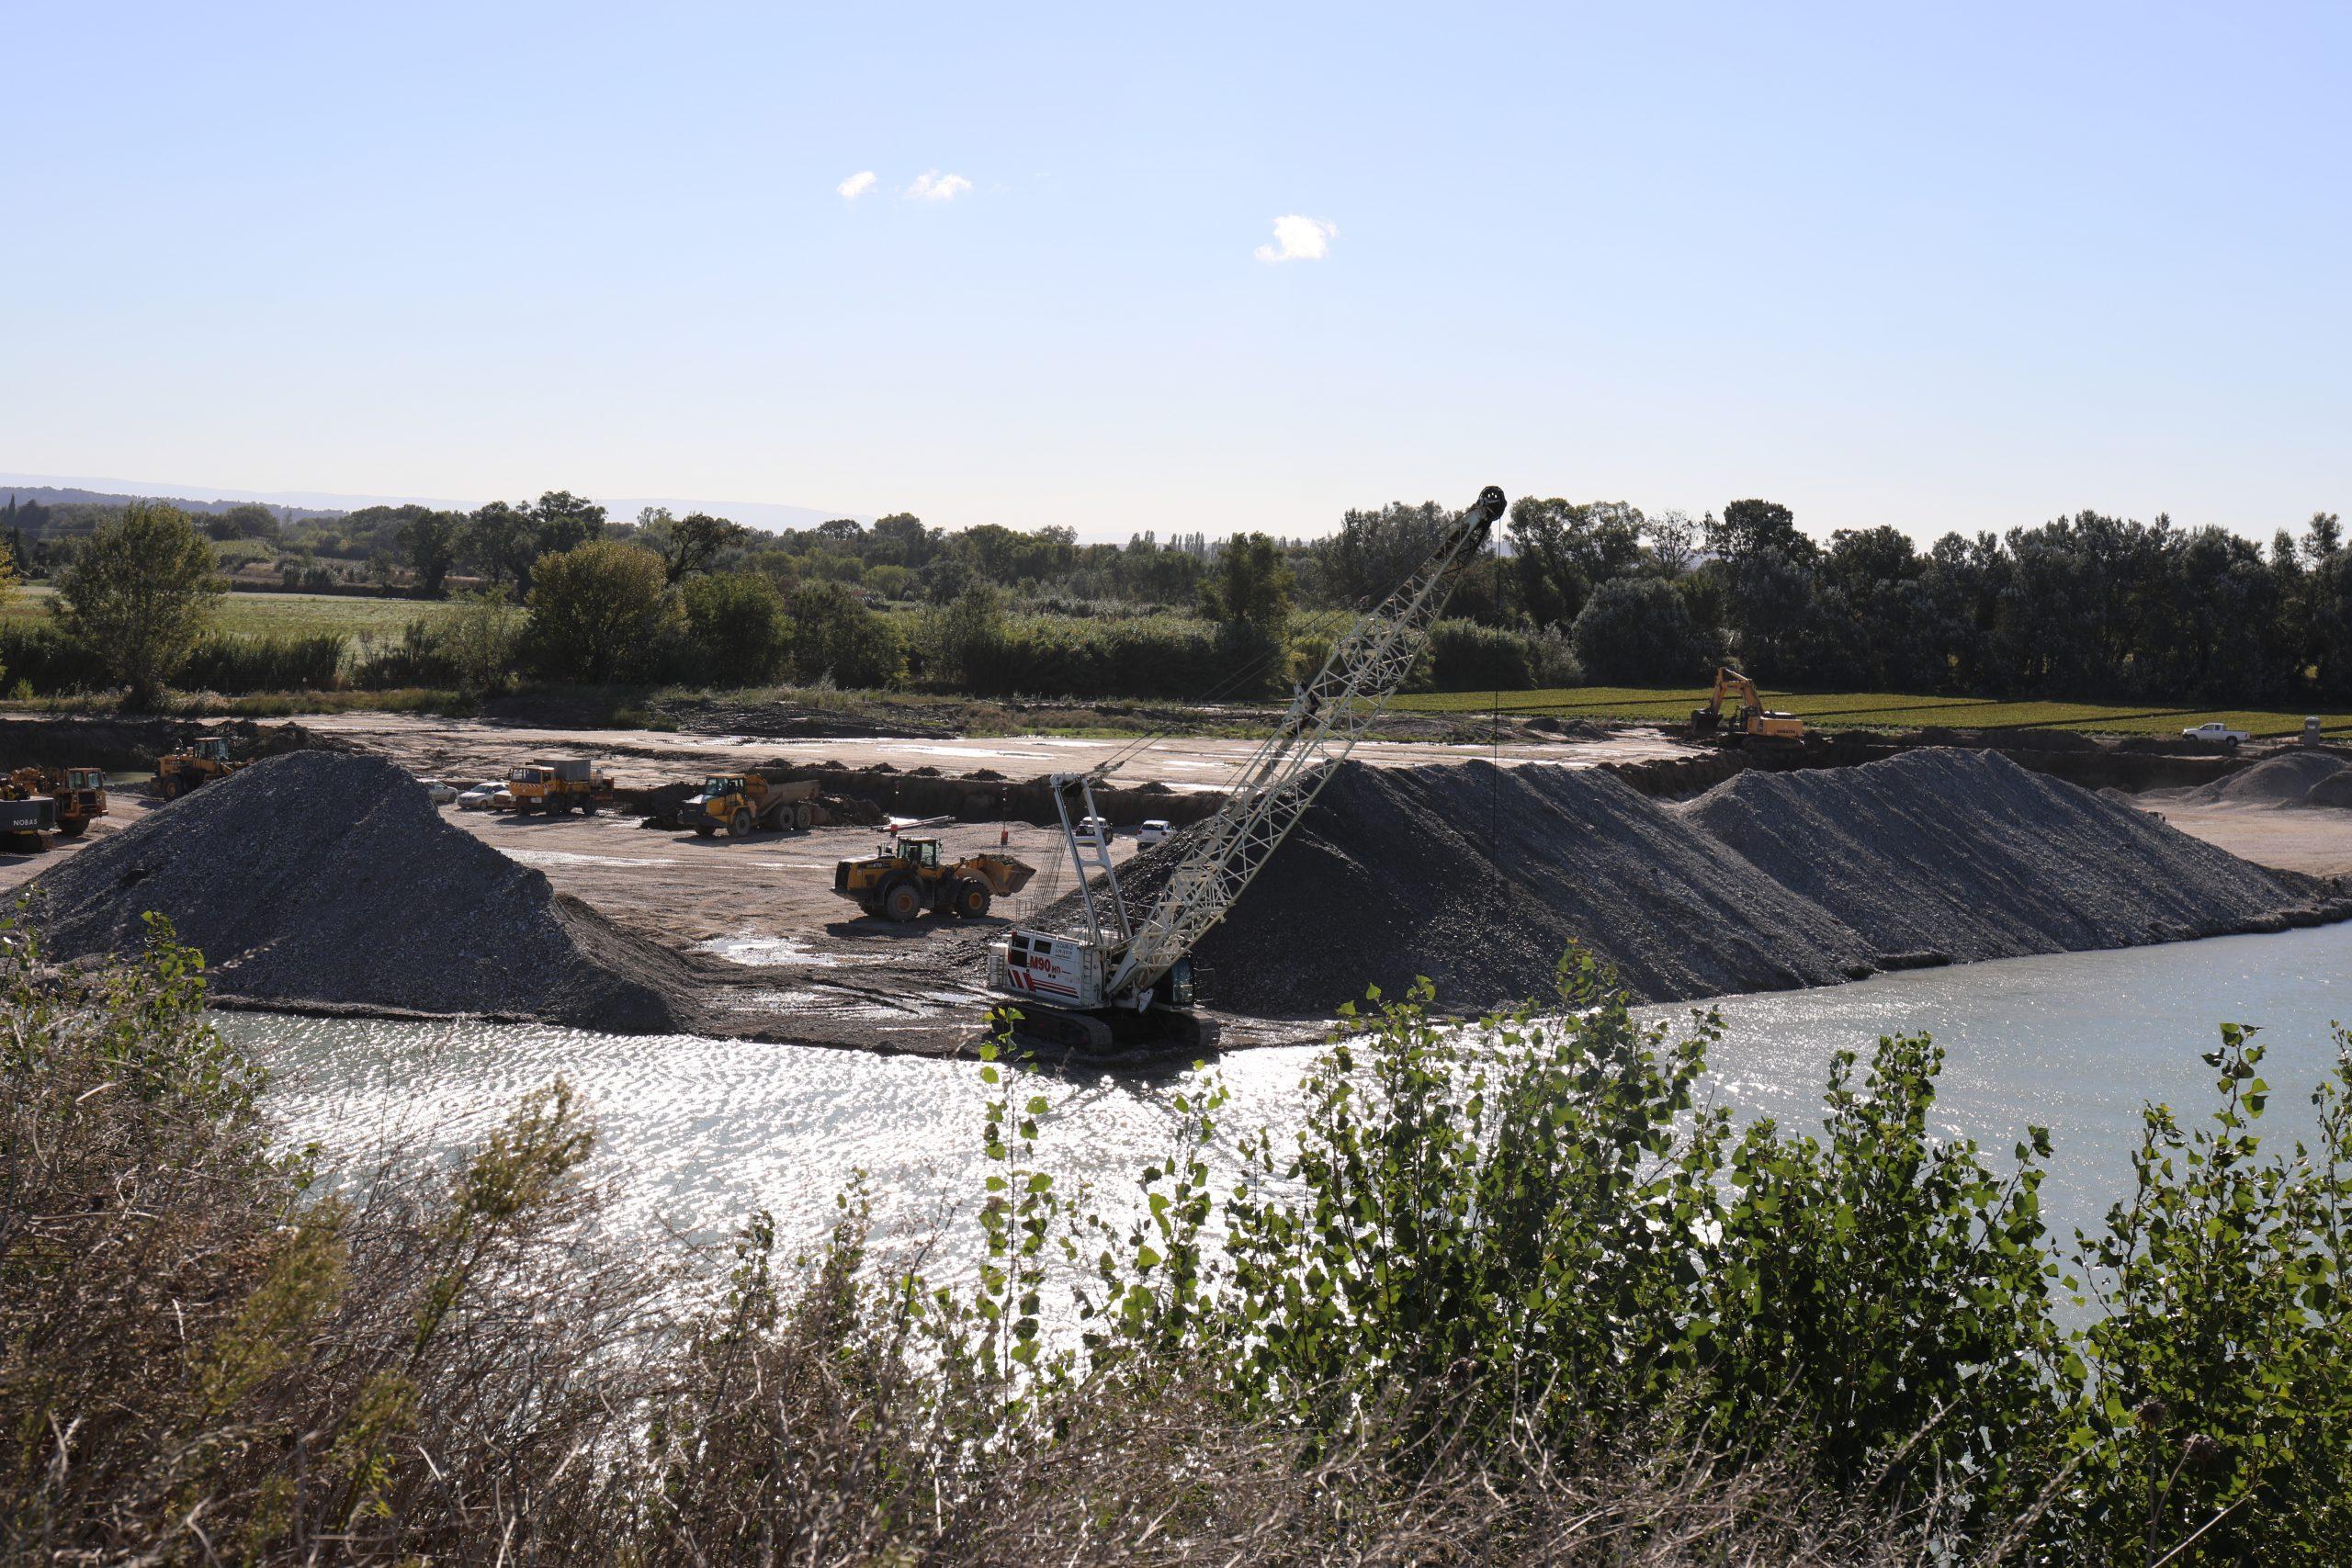 quarries aggregates alluvial